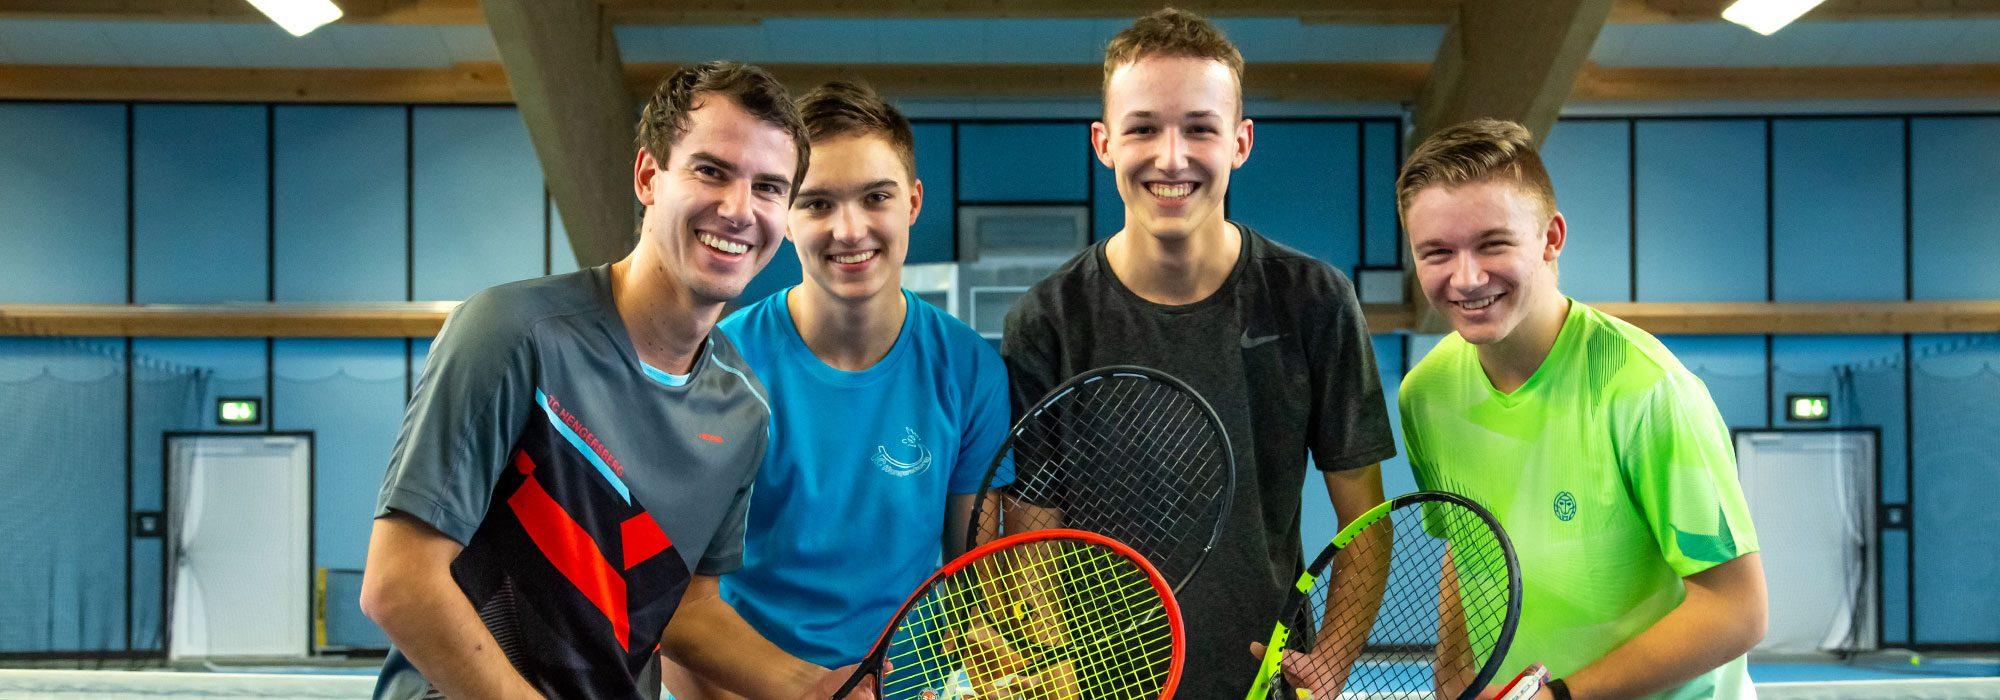 Tennis-Konzept | Mit Spaß zum Erfolg